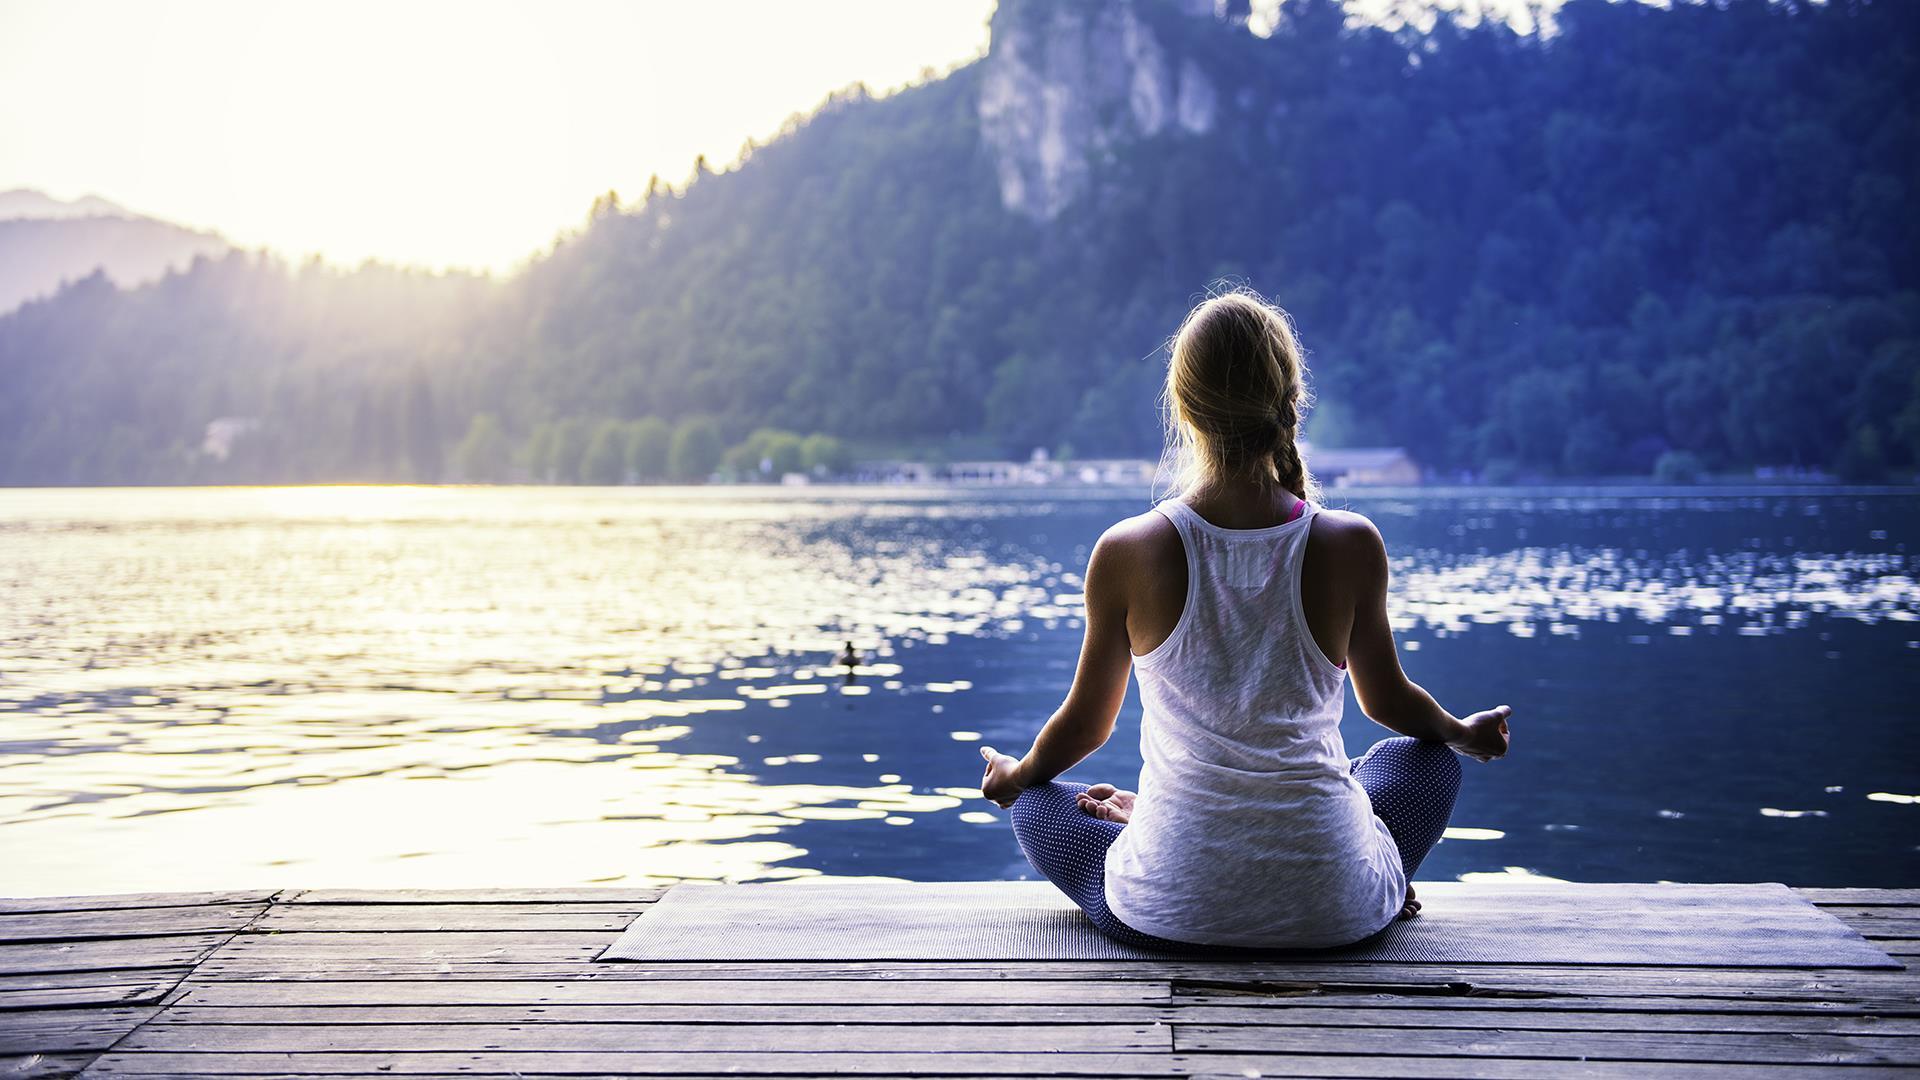 Meditatsiya na ozdorovlenie - Медитация на омоложение на клеточном уровне